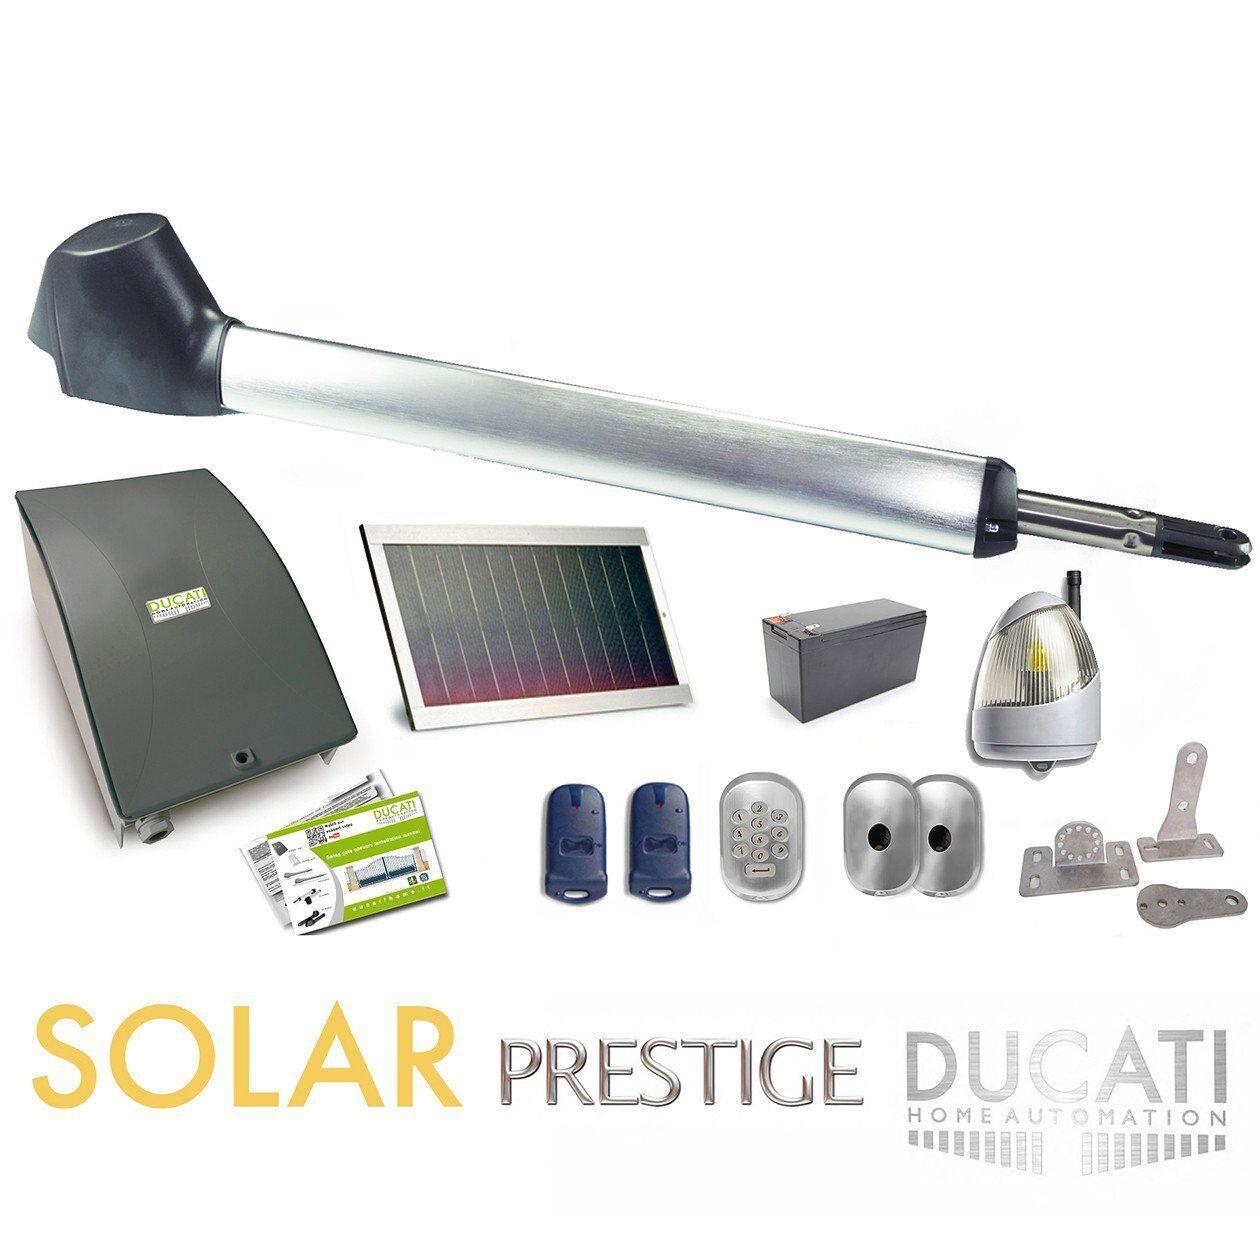 DUCATI EVO748T SOLAR MONO ideal for 1 wing gate 100% stand-alone